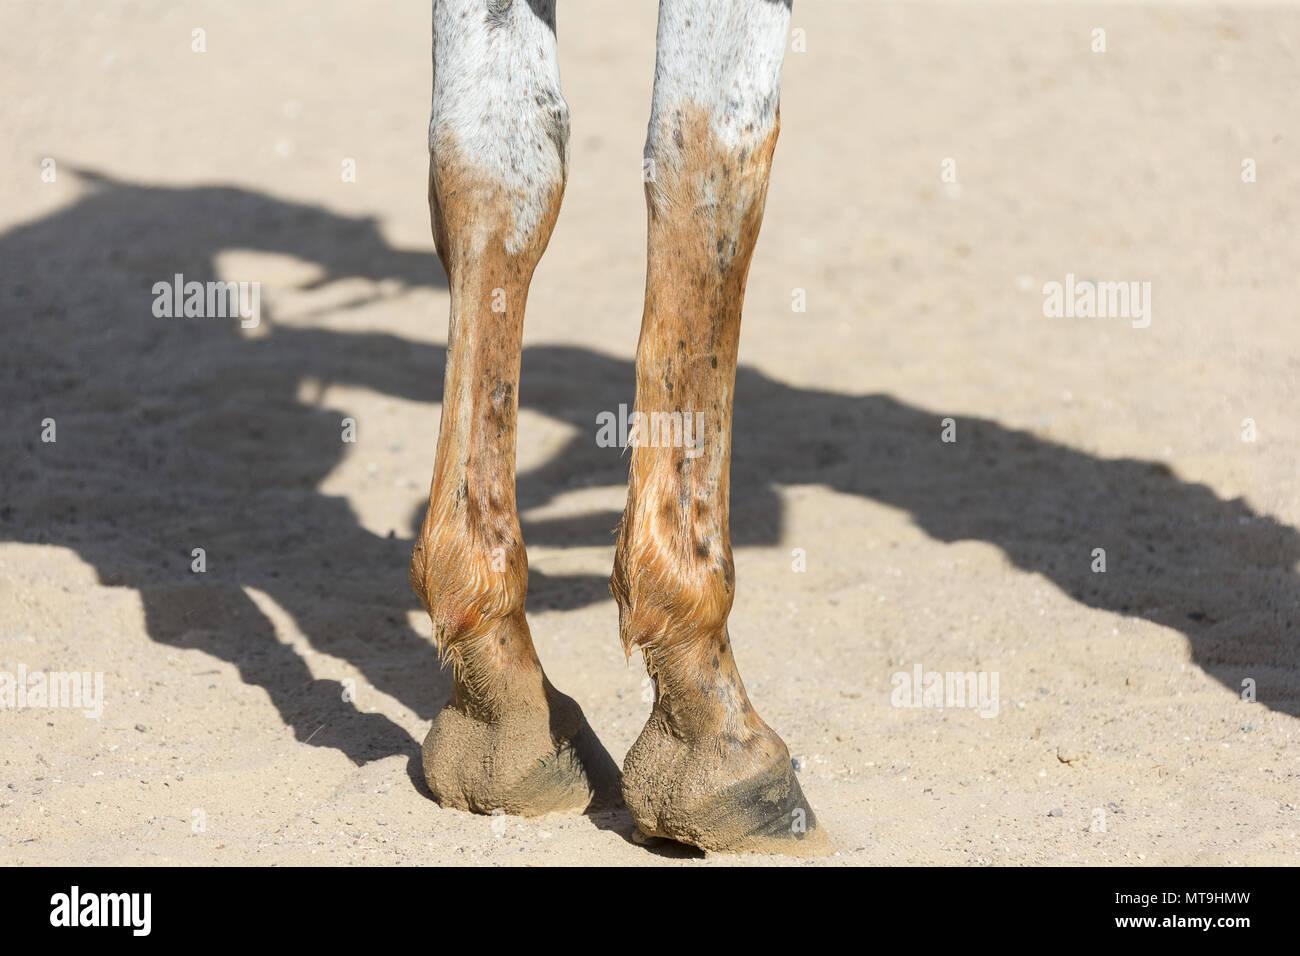 Cheval Arabe. Pattes de devant d'un chevaux teints à l'aide de pâte de henné. Abu Dhabi Photo Stock